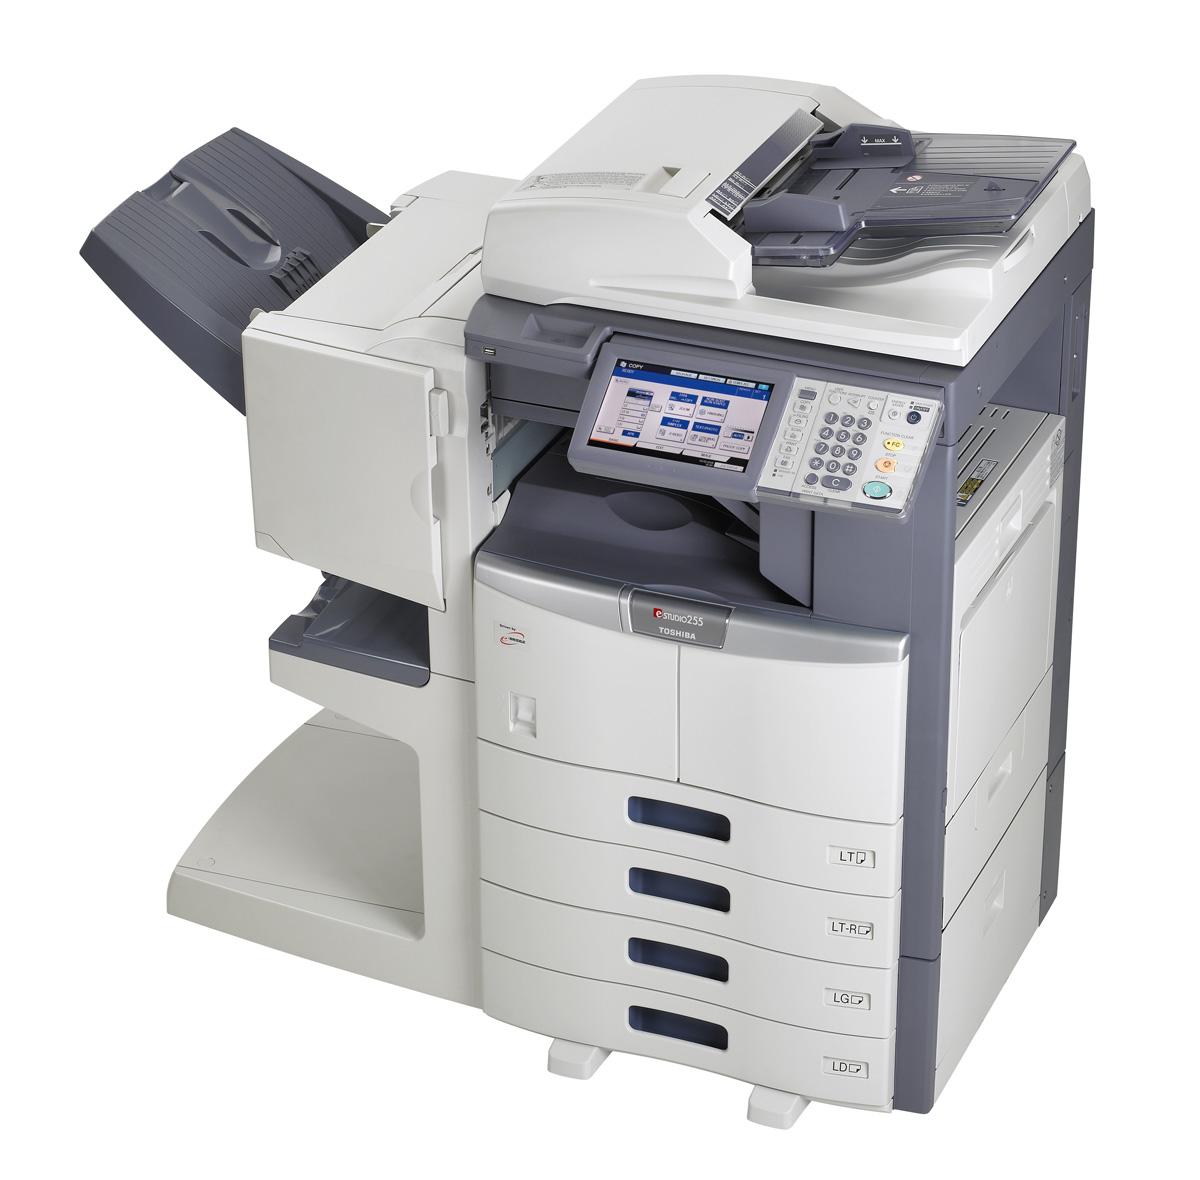 e-STUDIO305